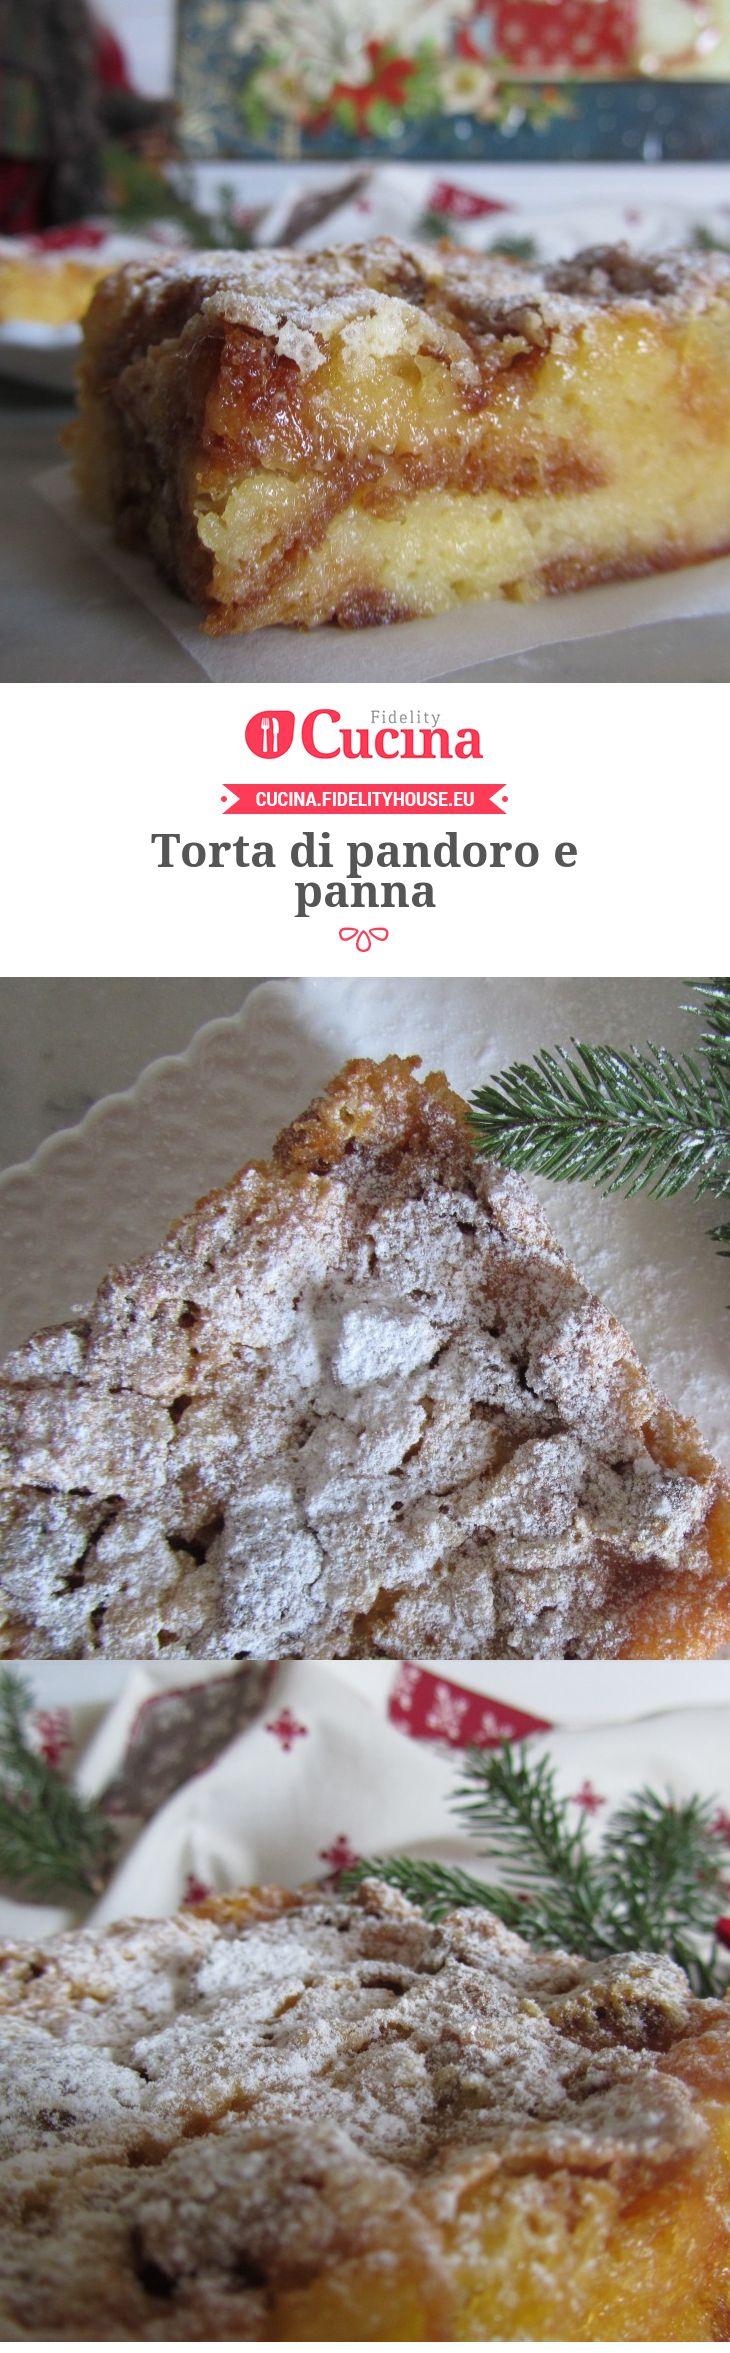 Torta di pandoro e panna della nostra utente Francesca. Unisciti alla nostra Community ed invia le tue ricette!